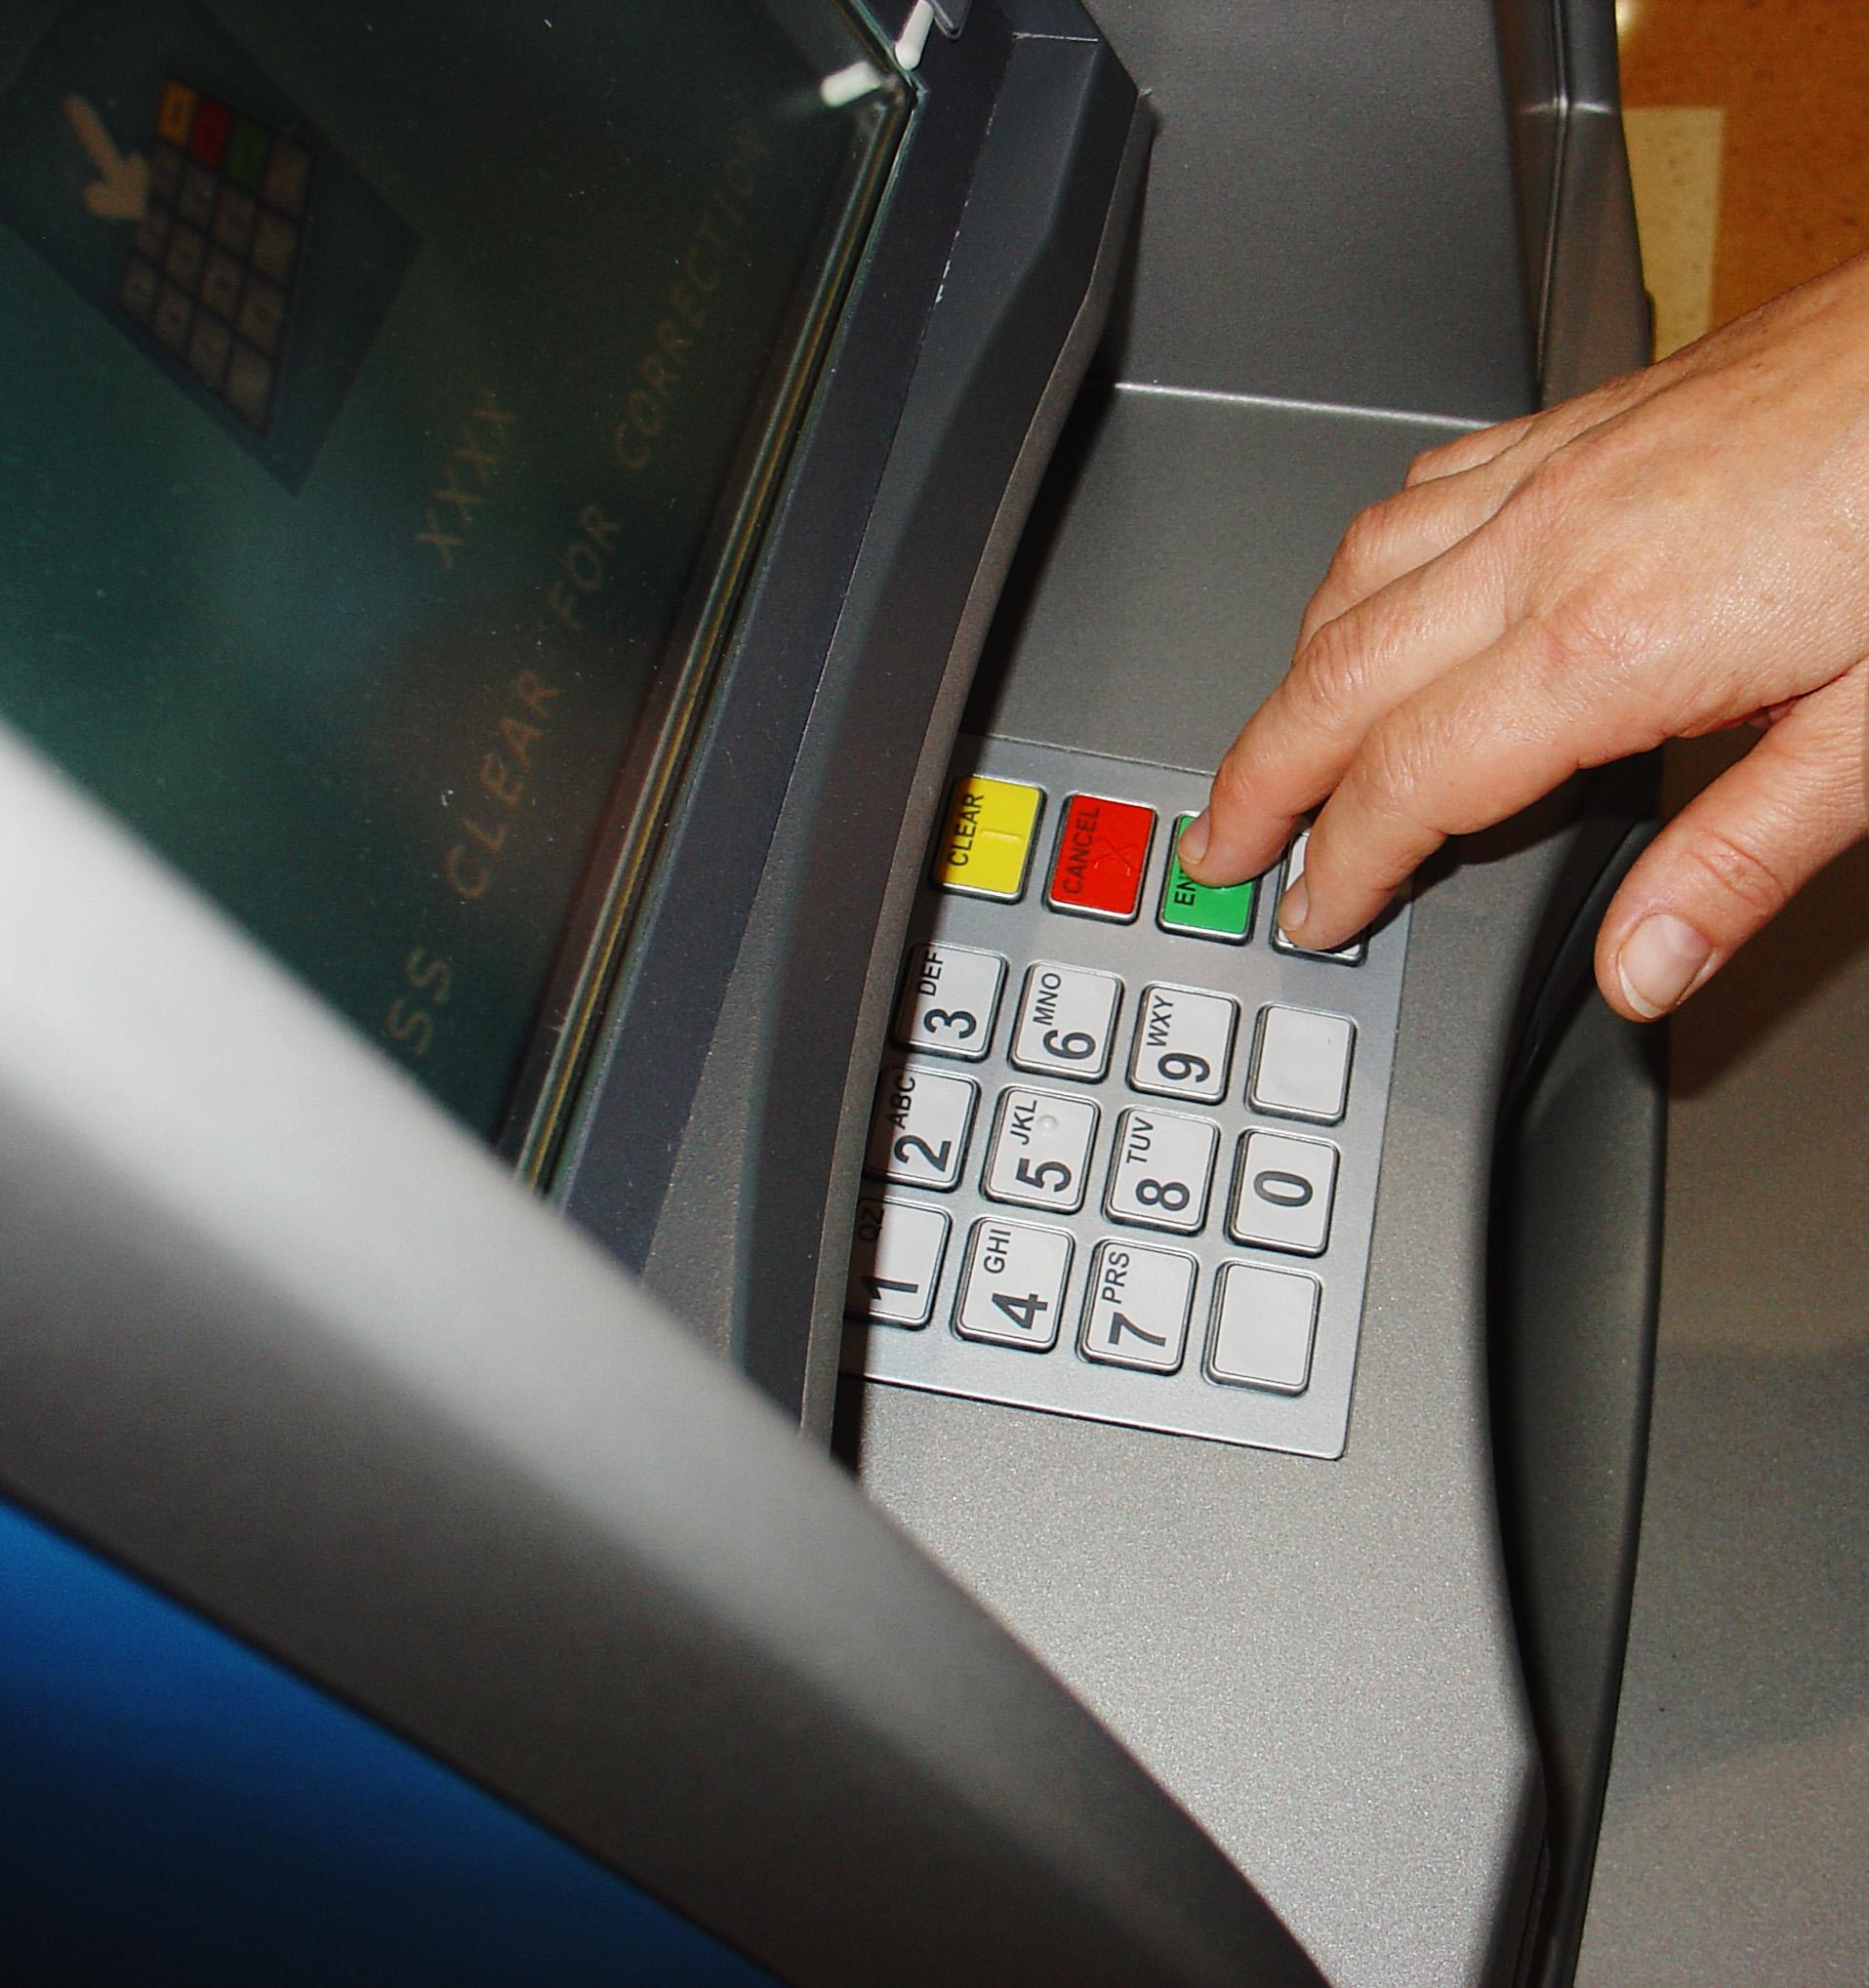 chuyển tiền vào ATM và chuyển tiền liên ngân hàng